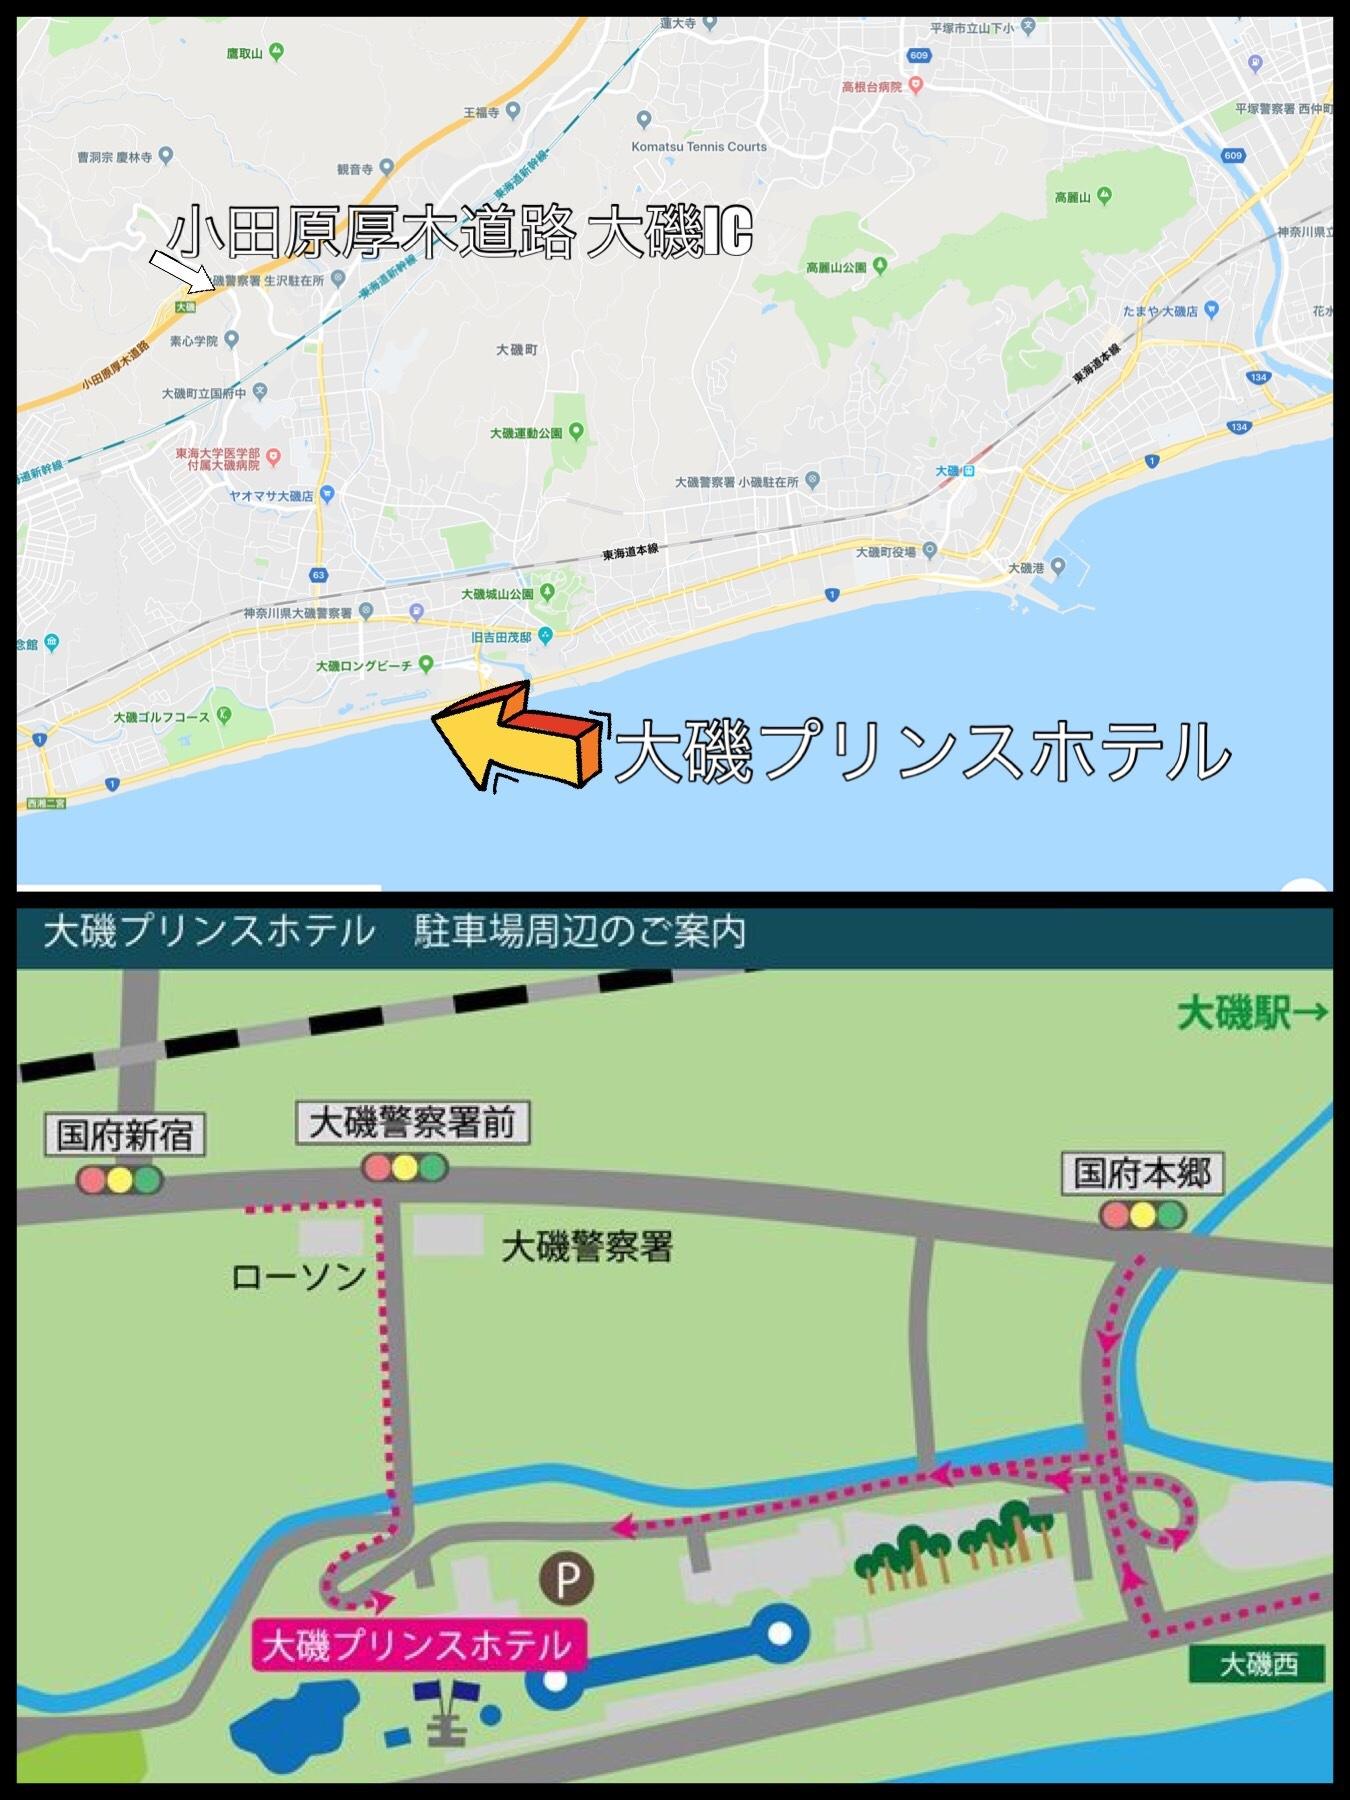 大磯プリンスホテル サーマルスパ S.WAVE デイユース アクセス